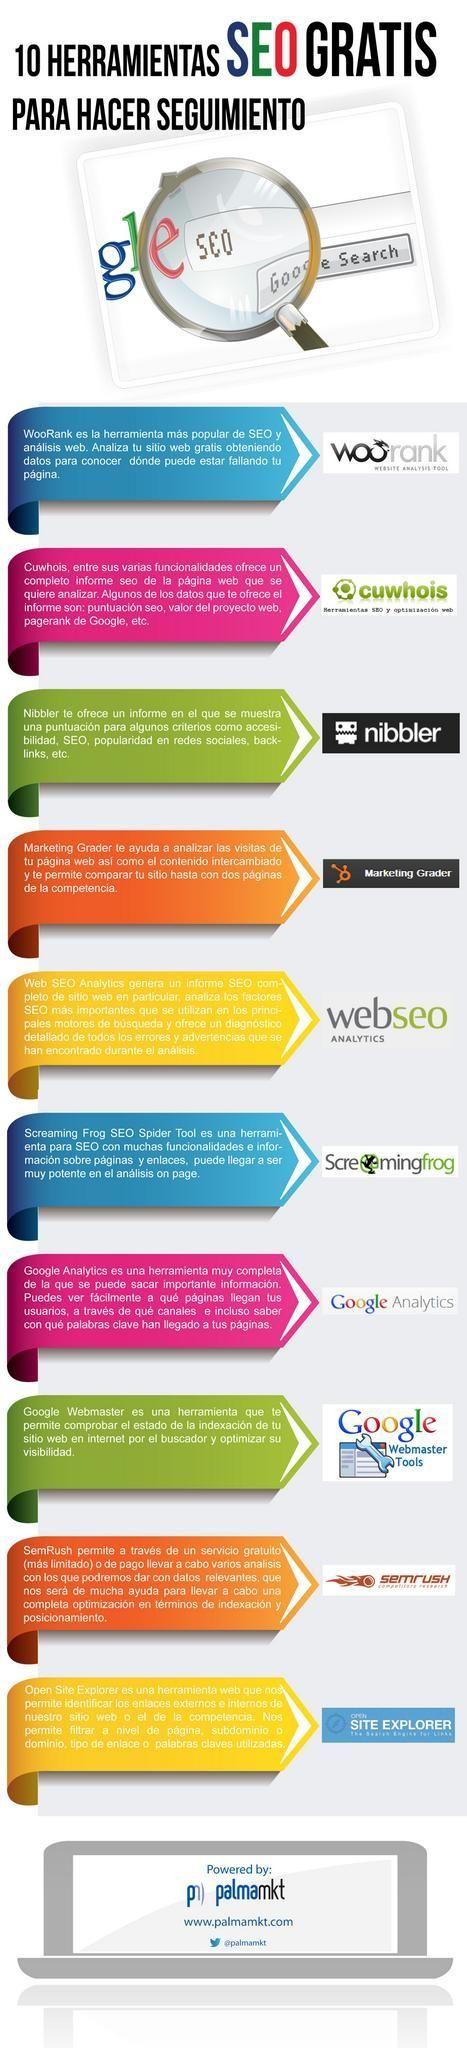 Palmamkt ha publicado una estupenda infografía que recopila 10 herramientas para hacer seguimiento, de forma gratuita, el SEO de tu web. Yo voy a empezar a probarlas todas, para ver con cual me qu...